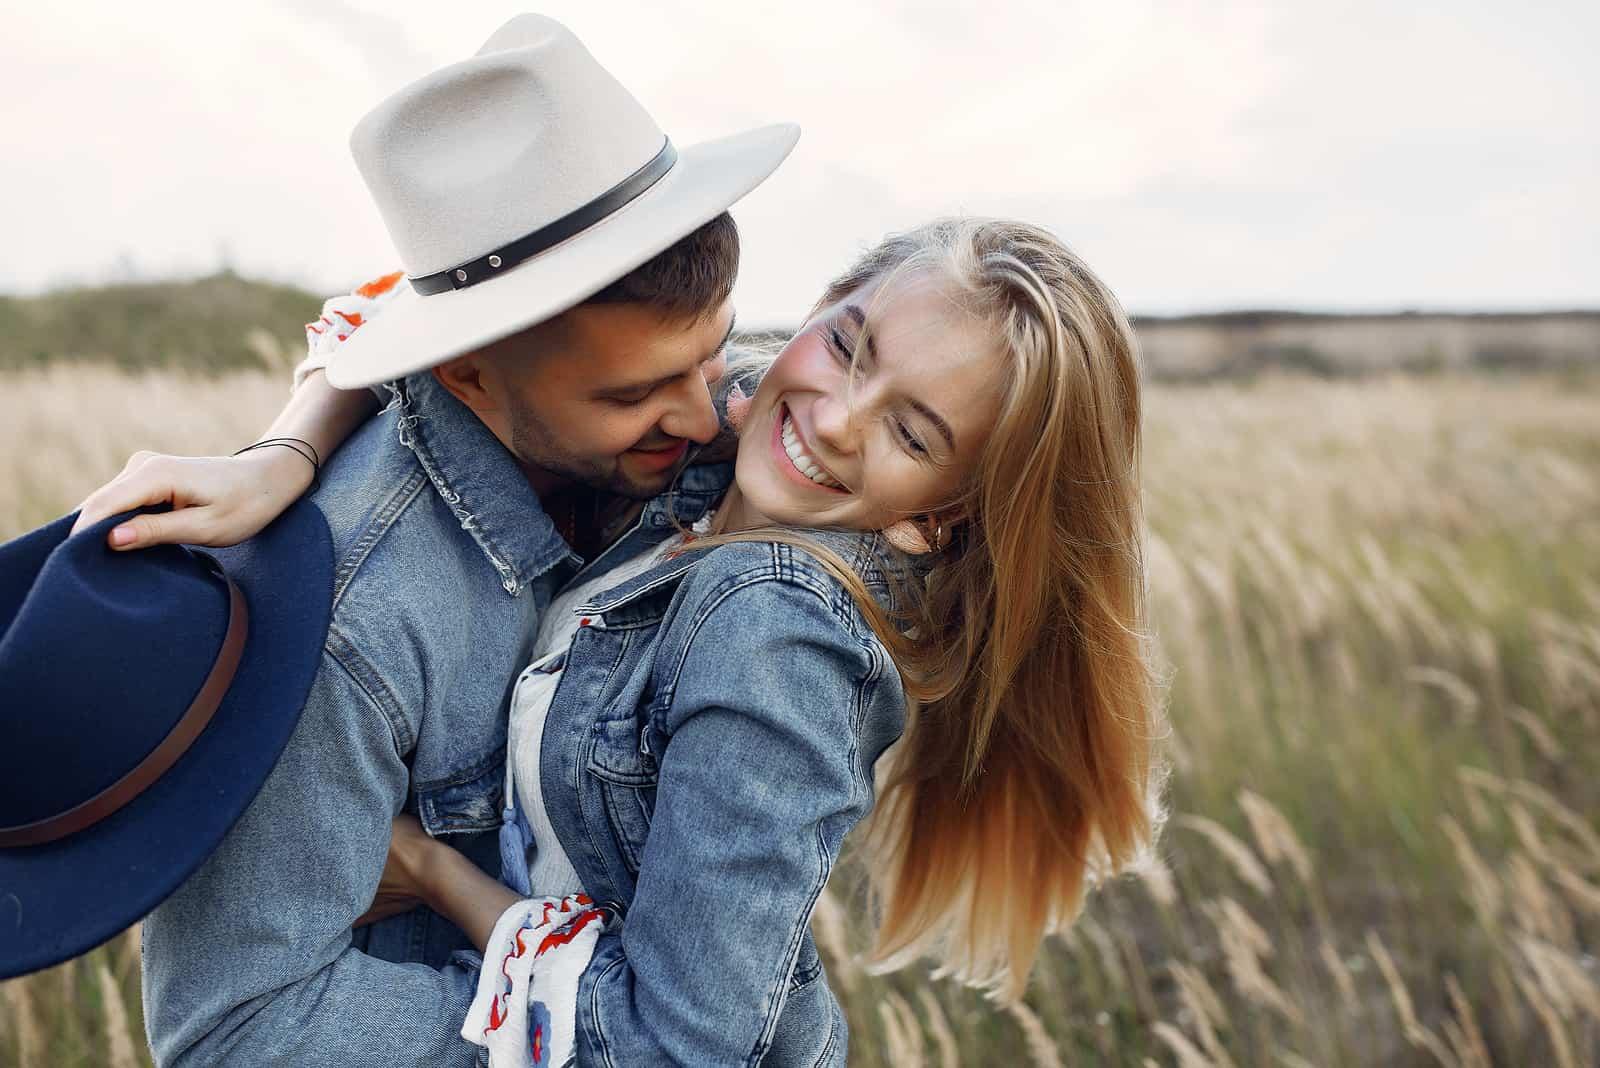 homme et femme étreindre quoique debout dans champ